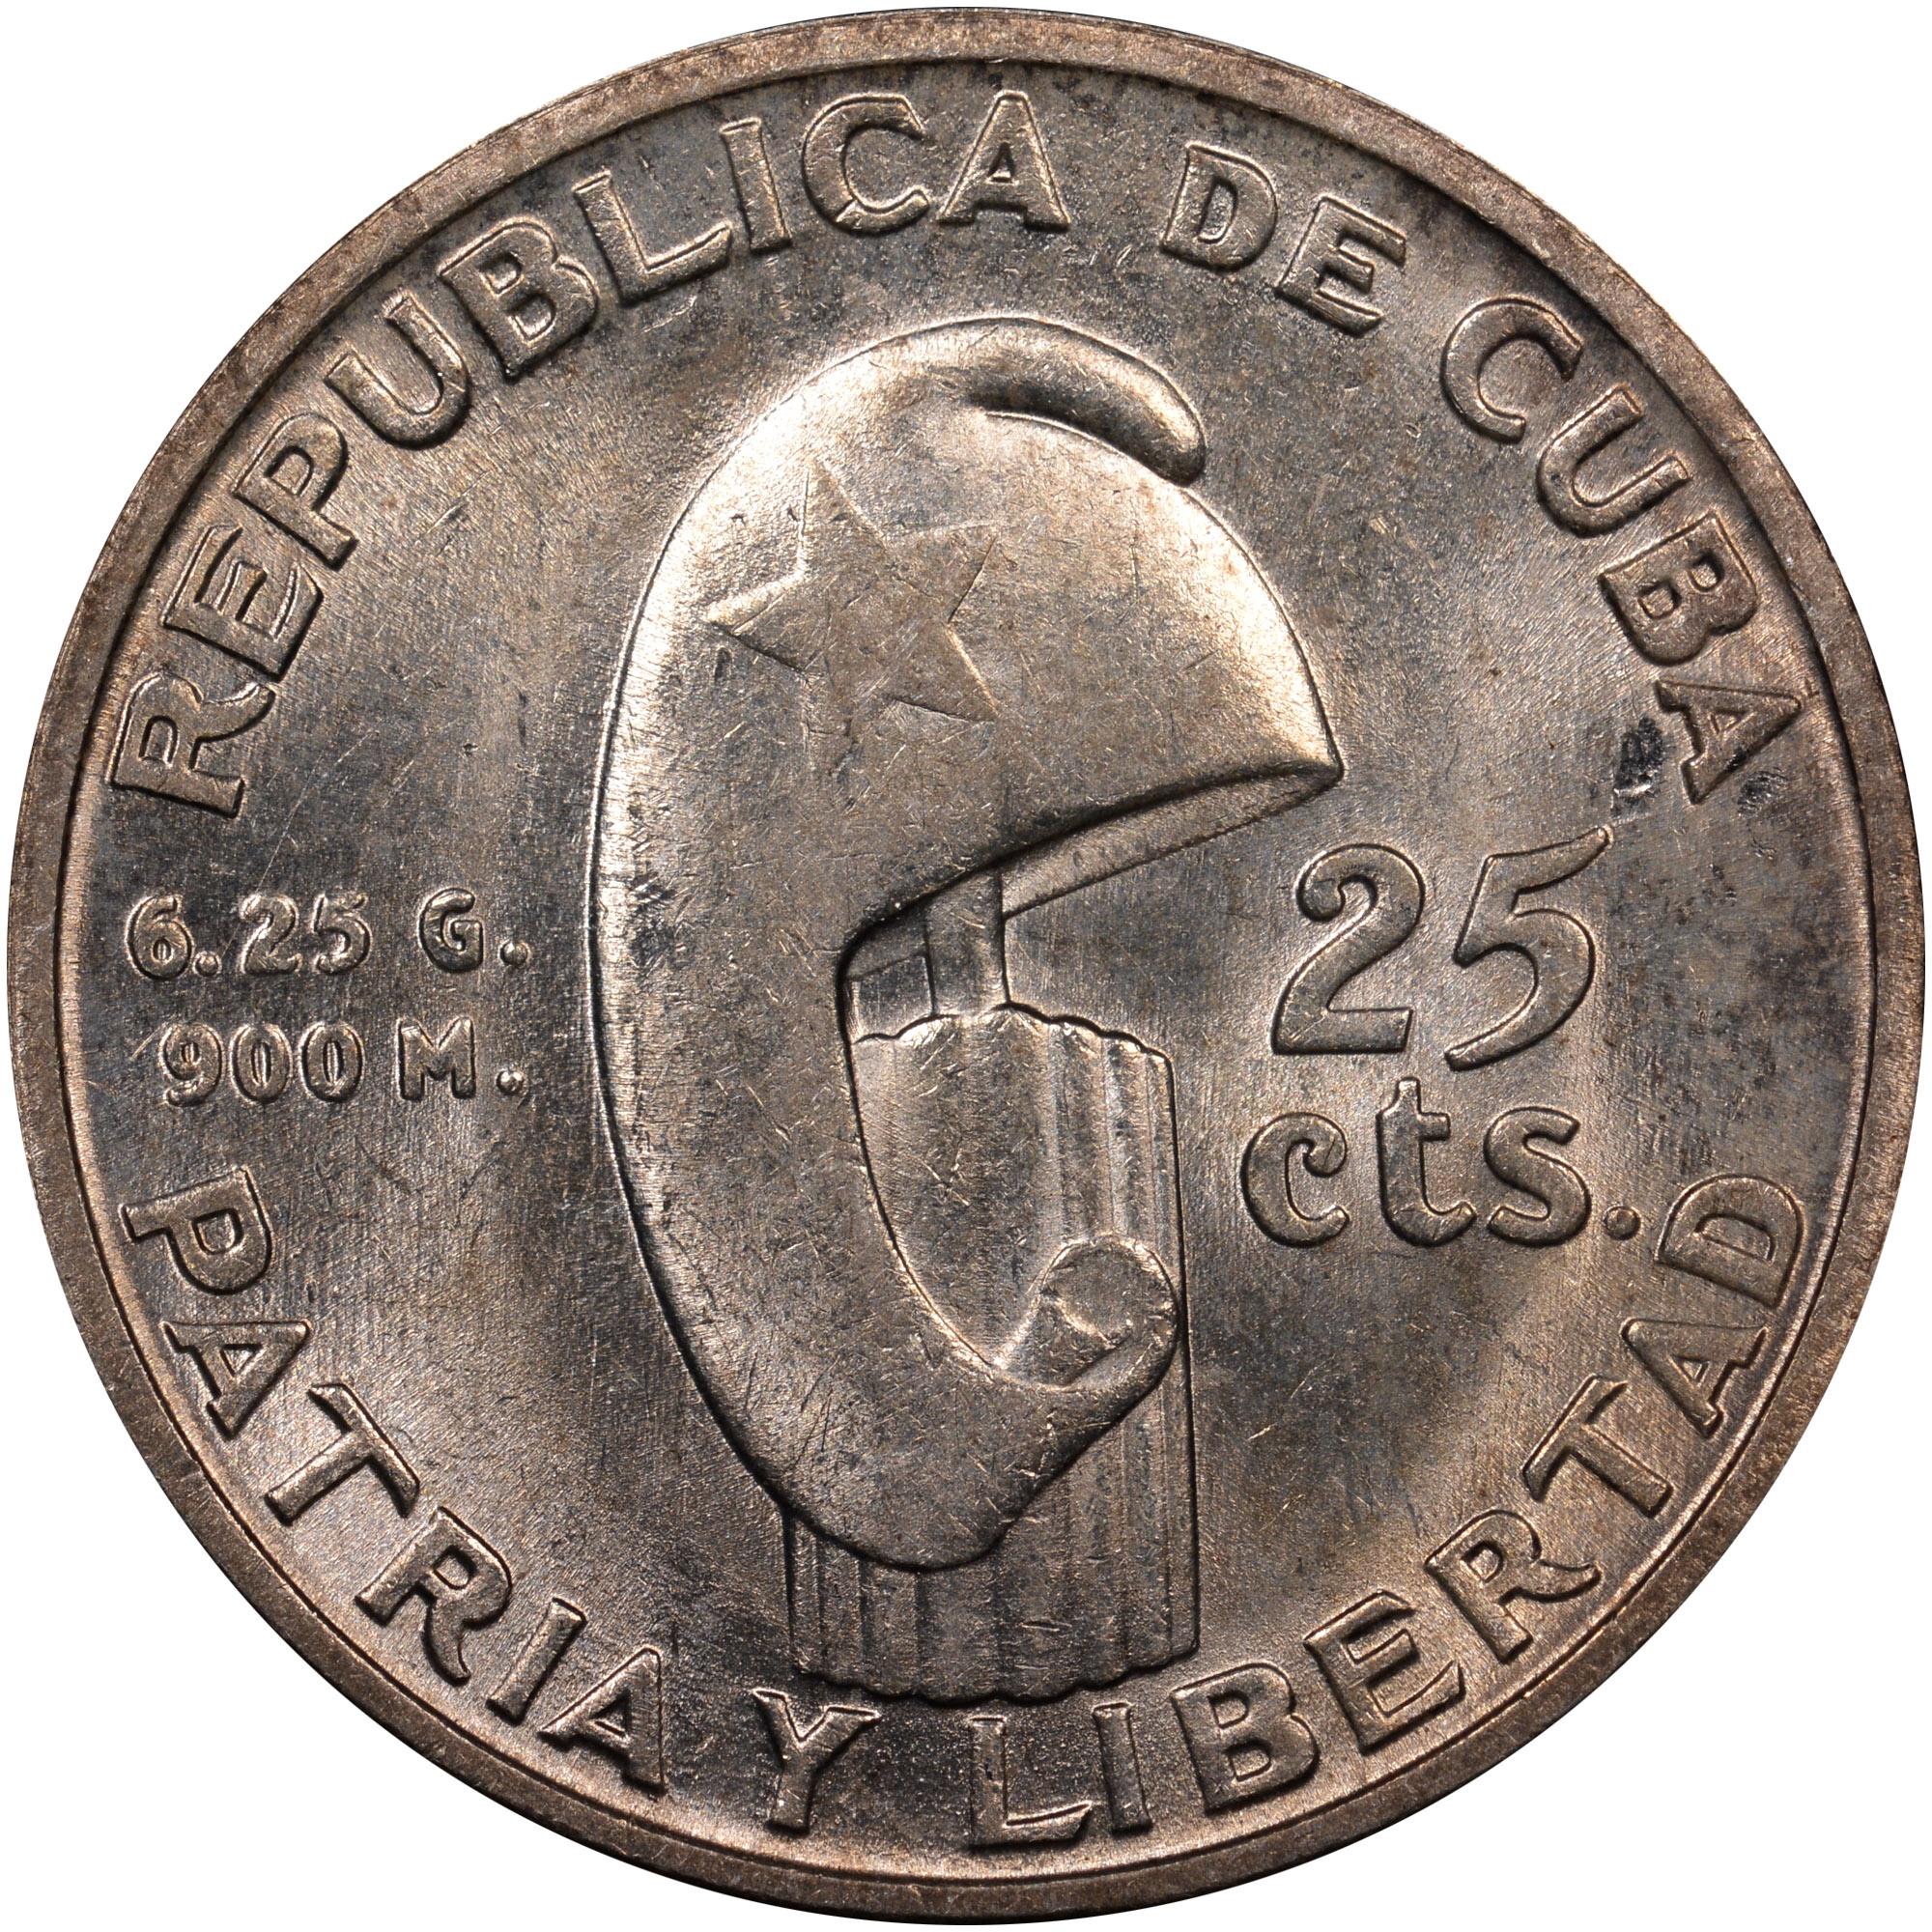 1953 Cuba 25 Centavos obverse